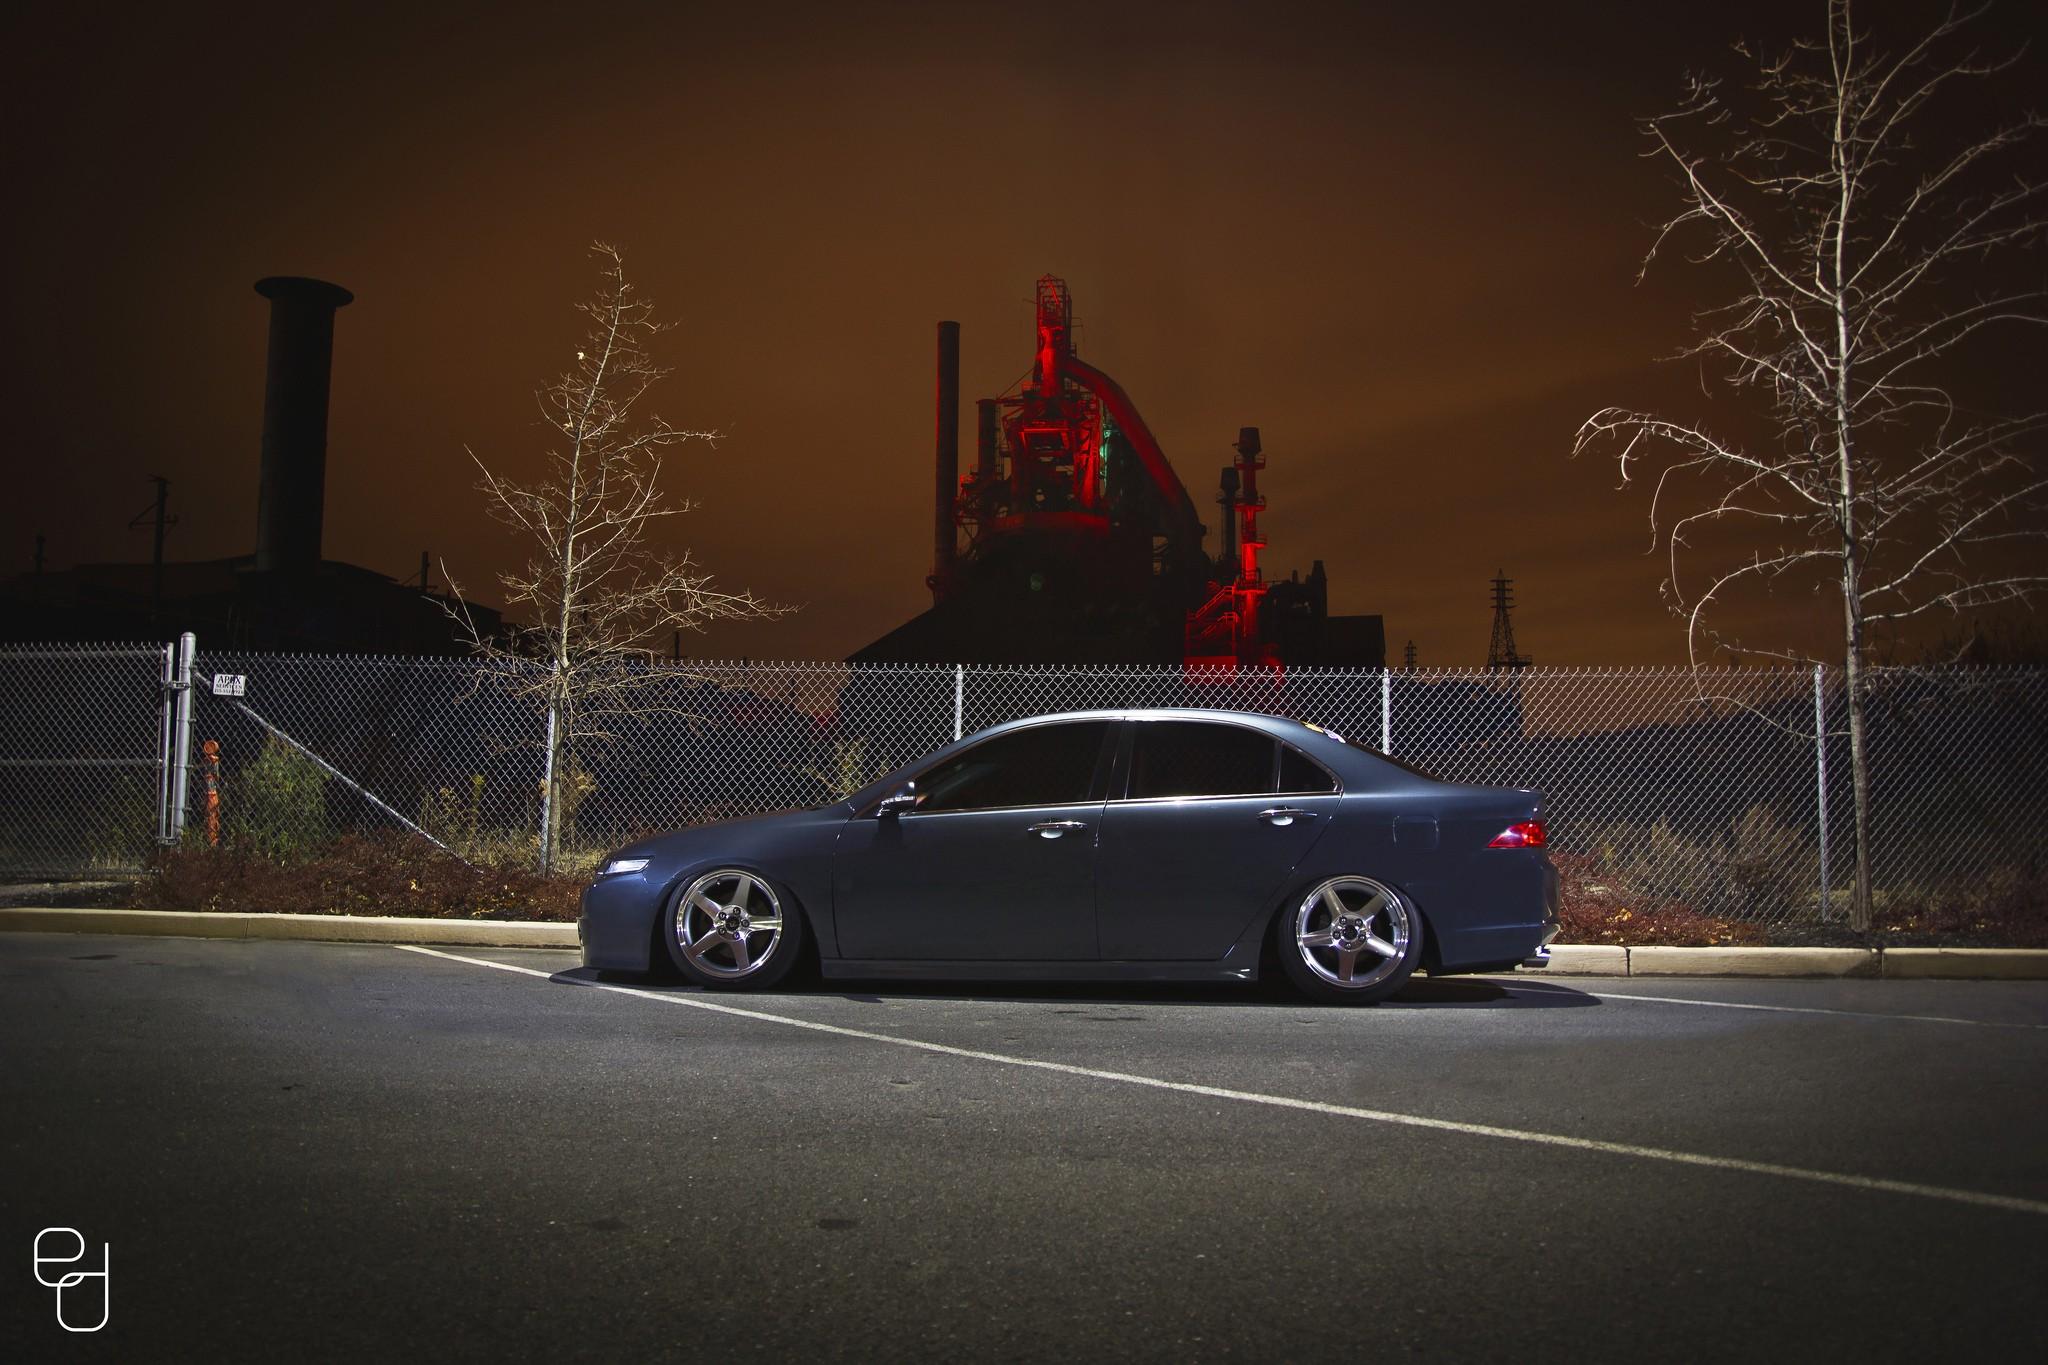 820aff1ac86 nuit voiture véhicule Honda Accord Honda au volant lumière Supercar capture  d écran Véhicule terrestre